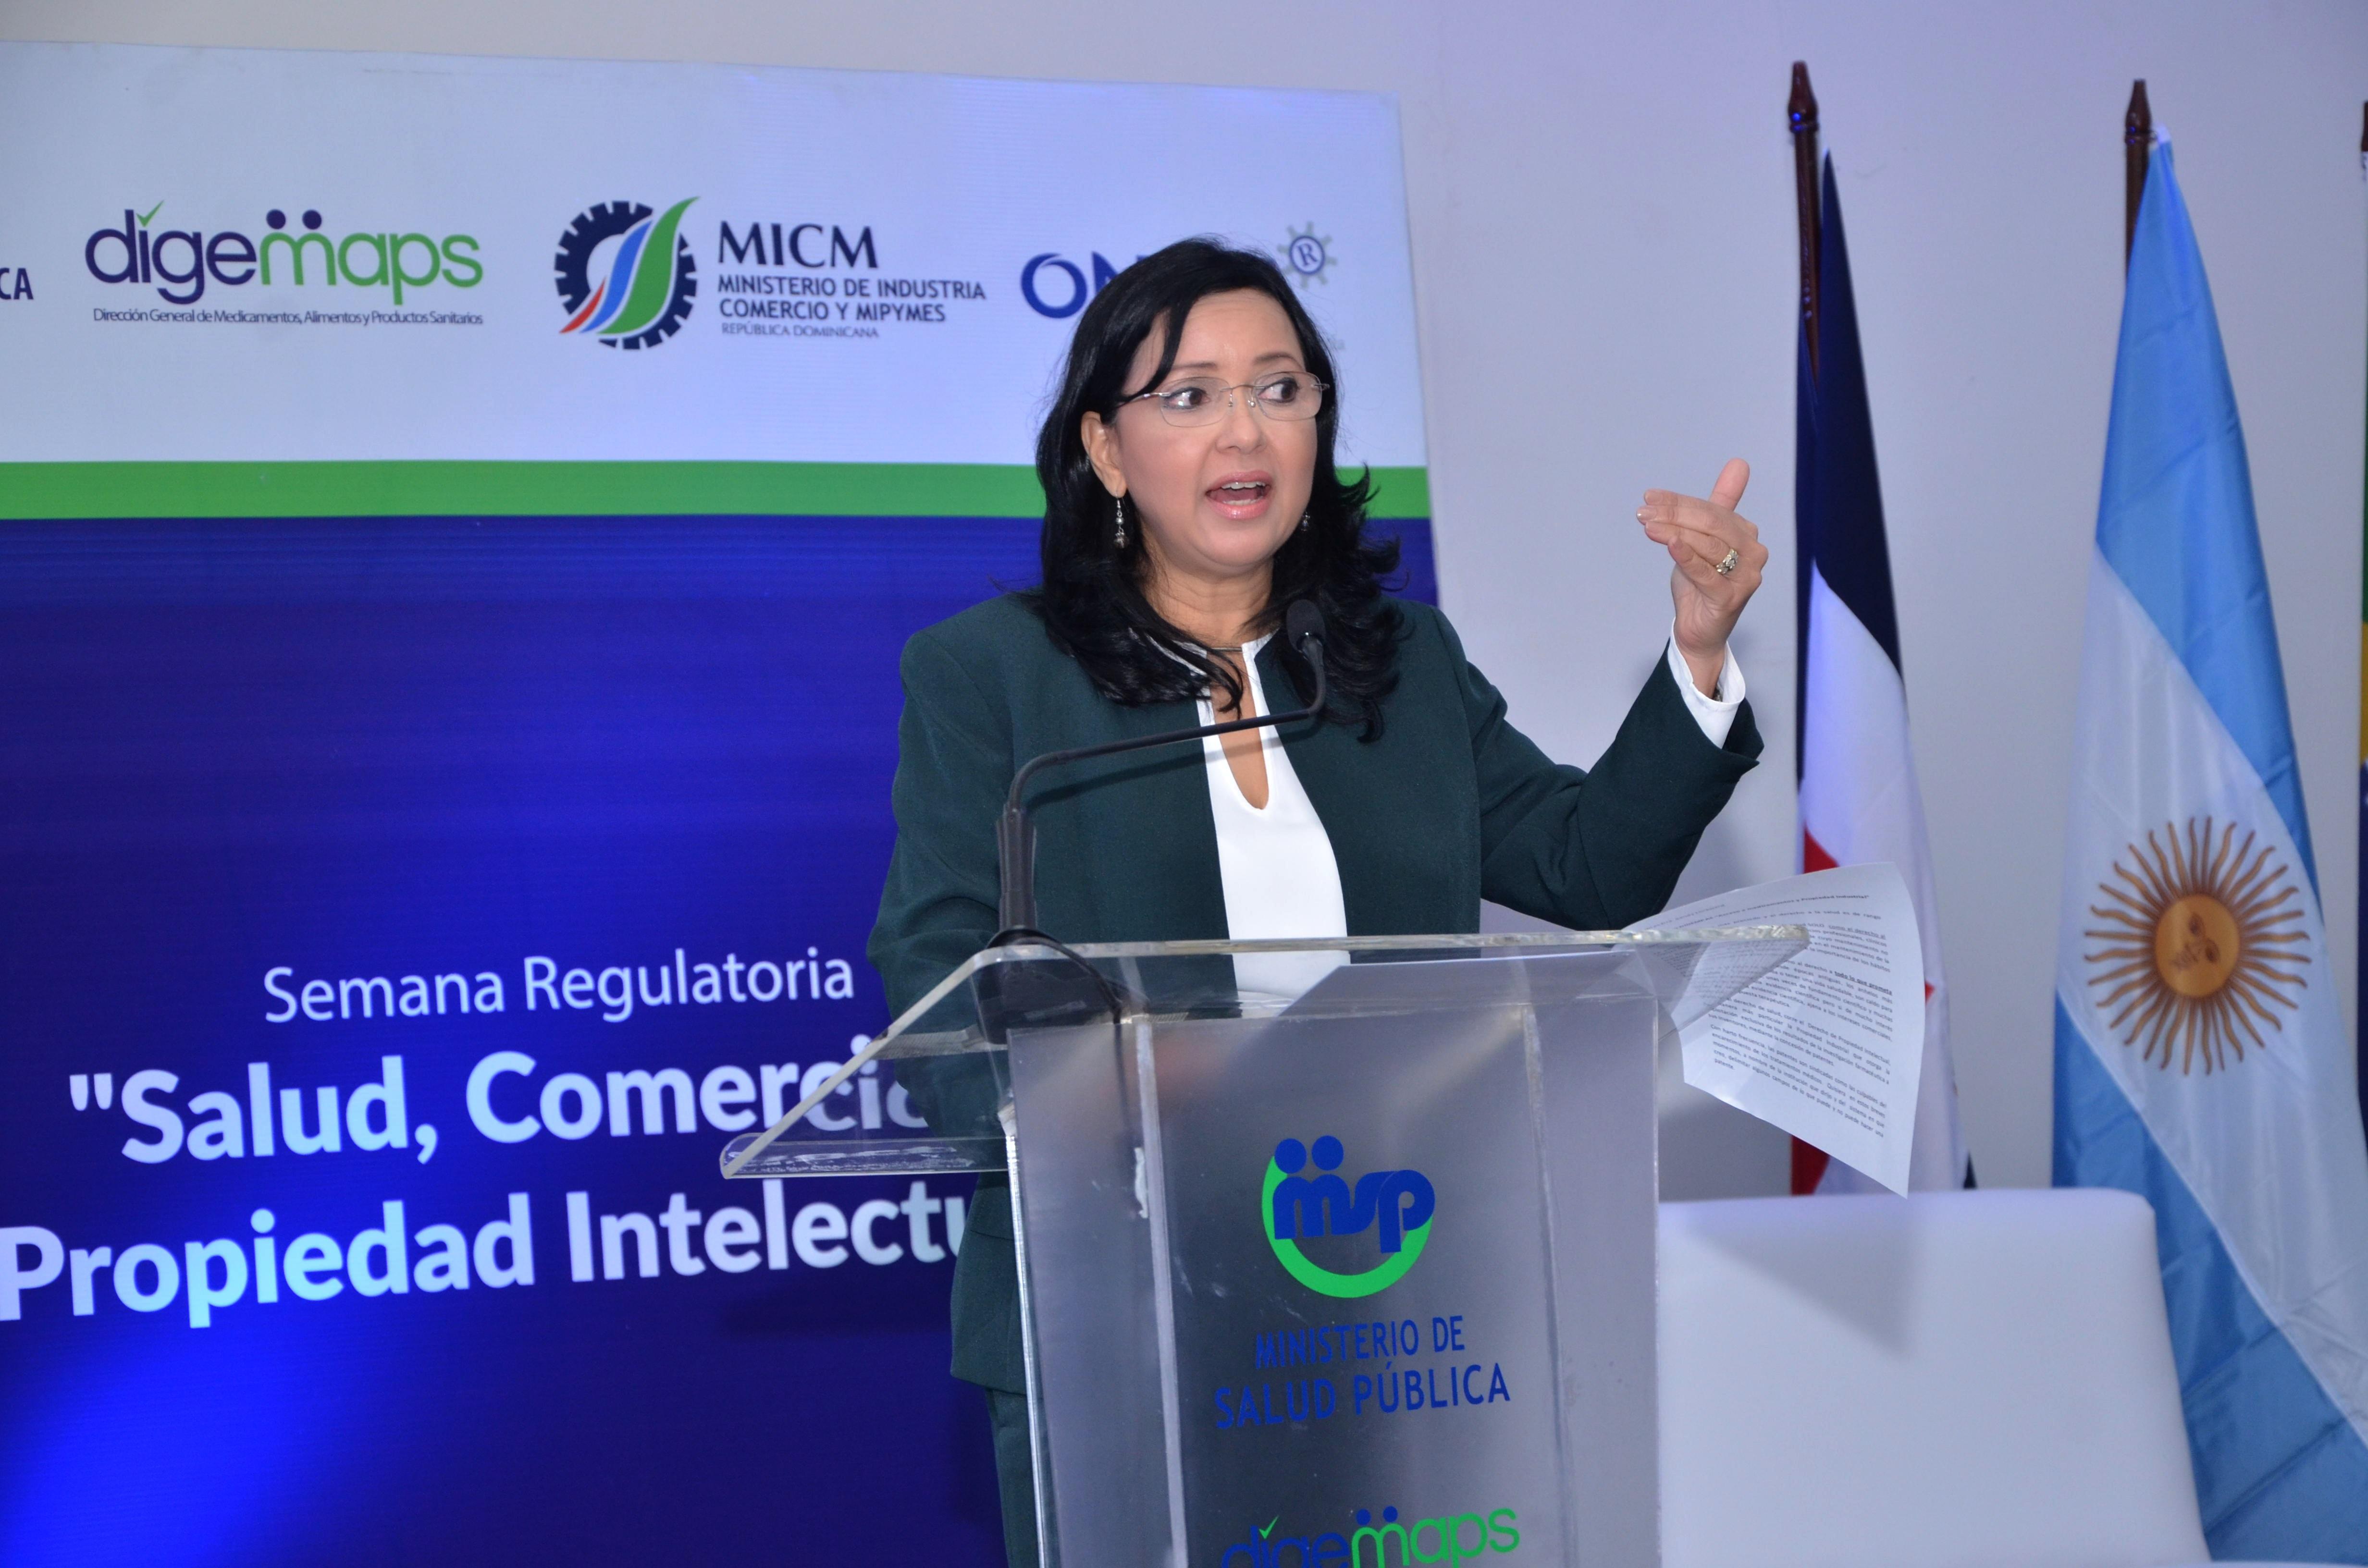 Onapi defiende examen riguroso en la concesión de patentes